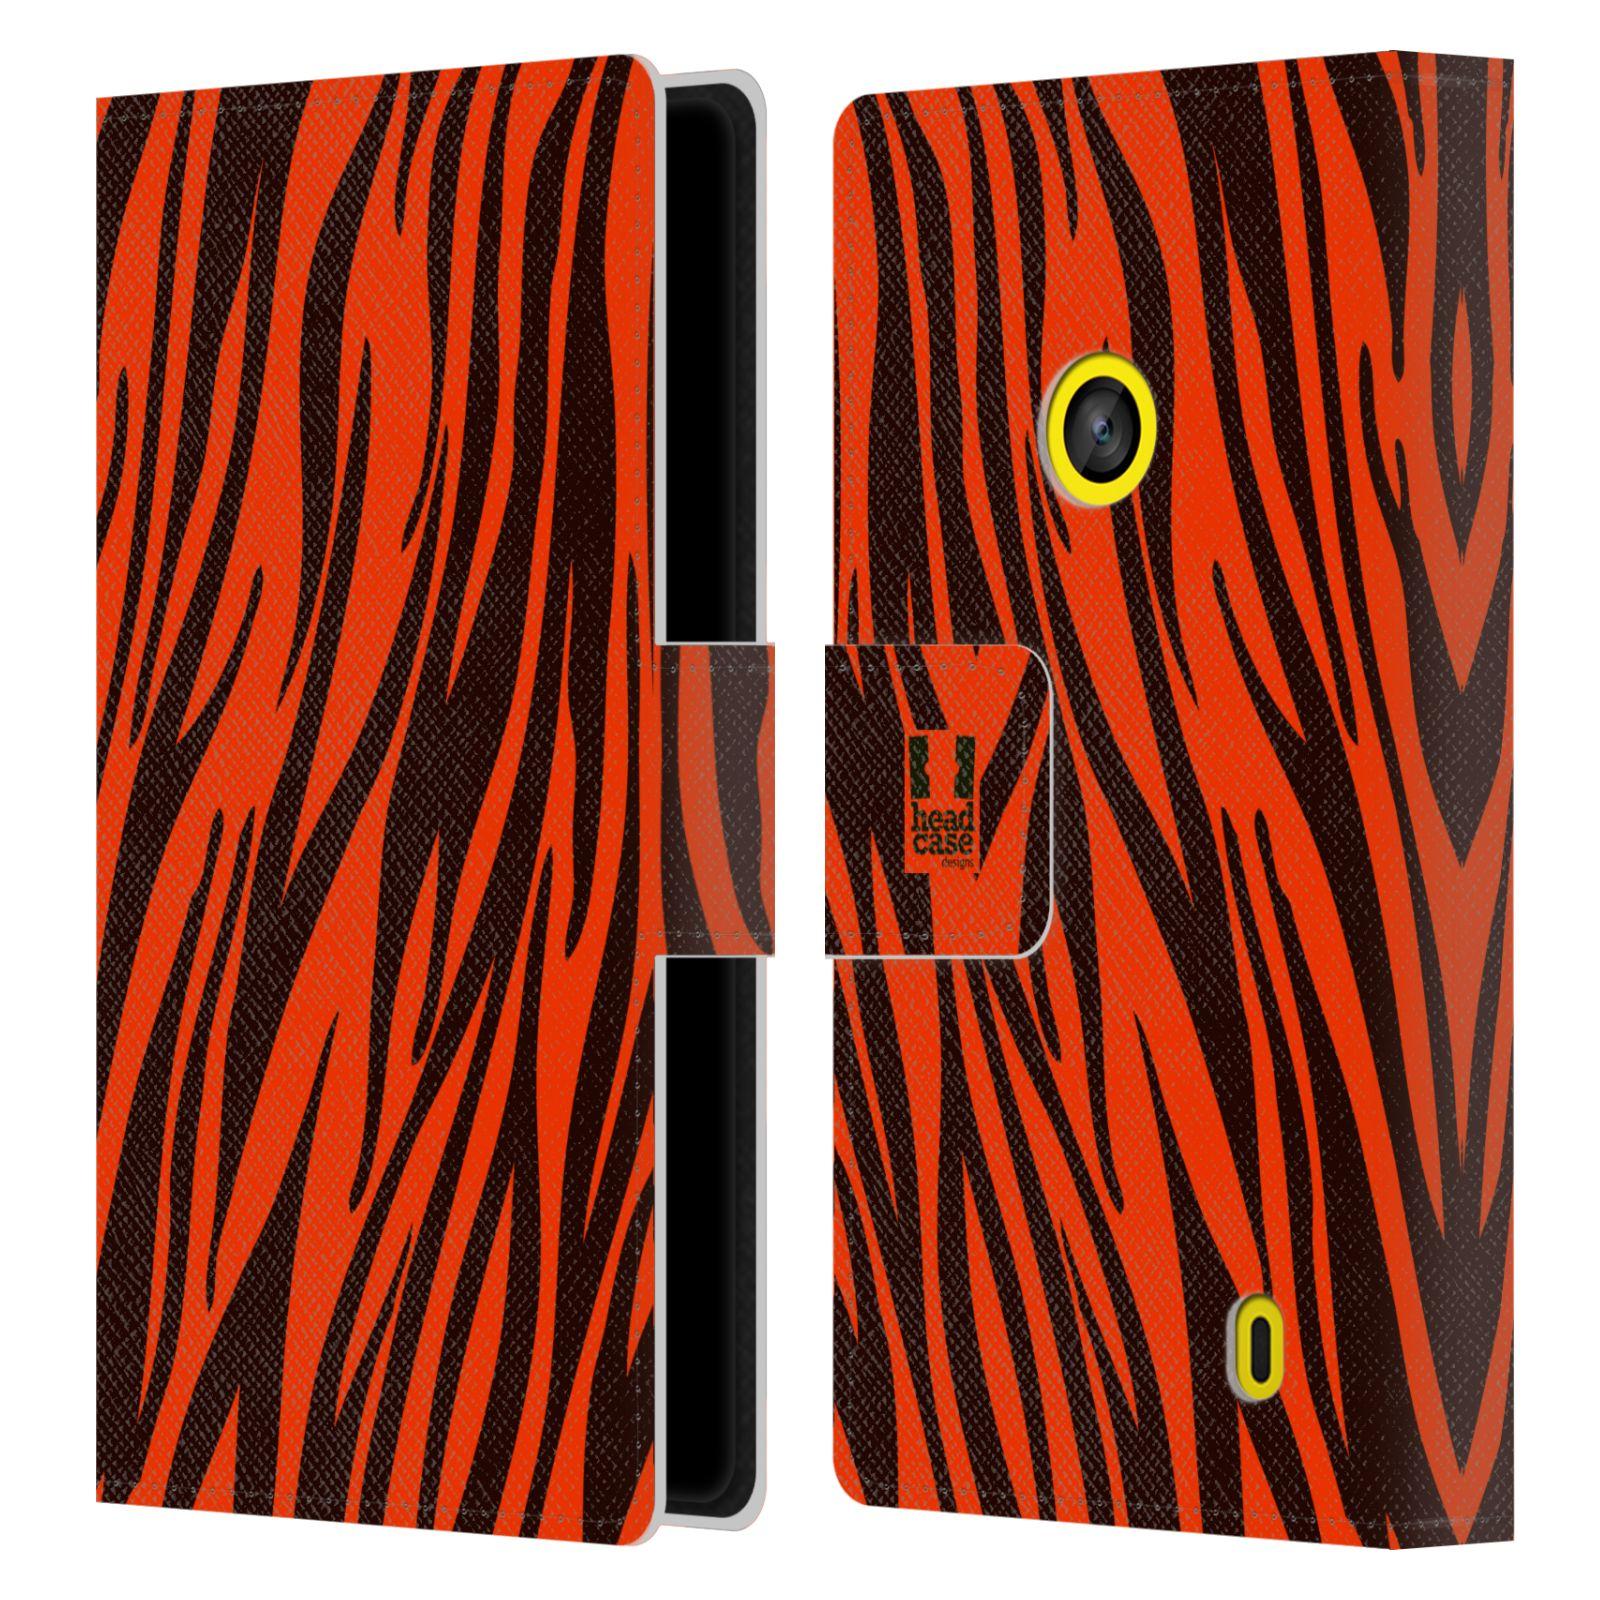 HEAD CASE Flipové pouzdro pro mobil NOKIA LUMIA 520 / 525 Zvířecí barevné vzory oranžový tygr